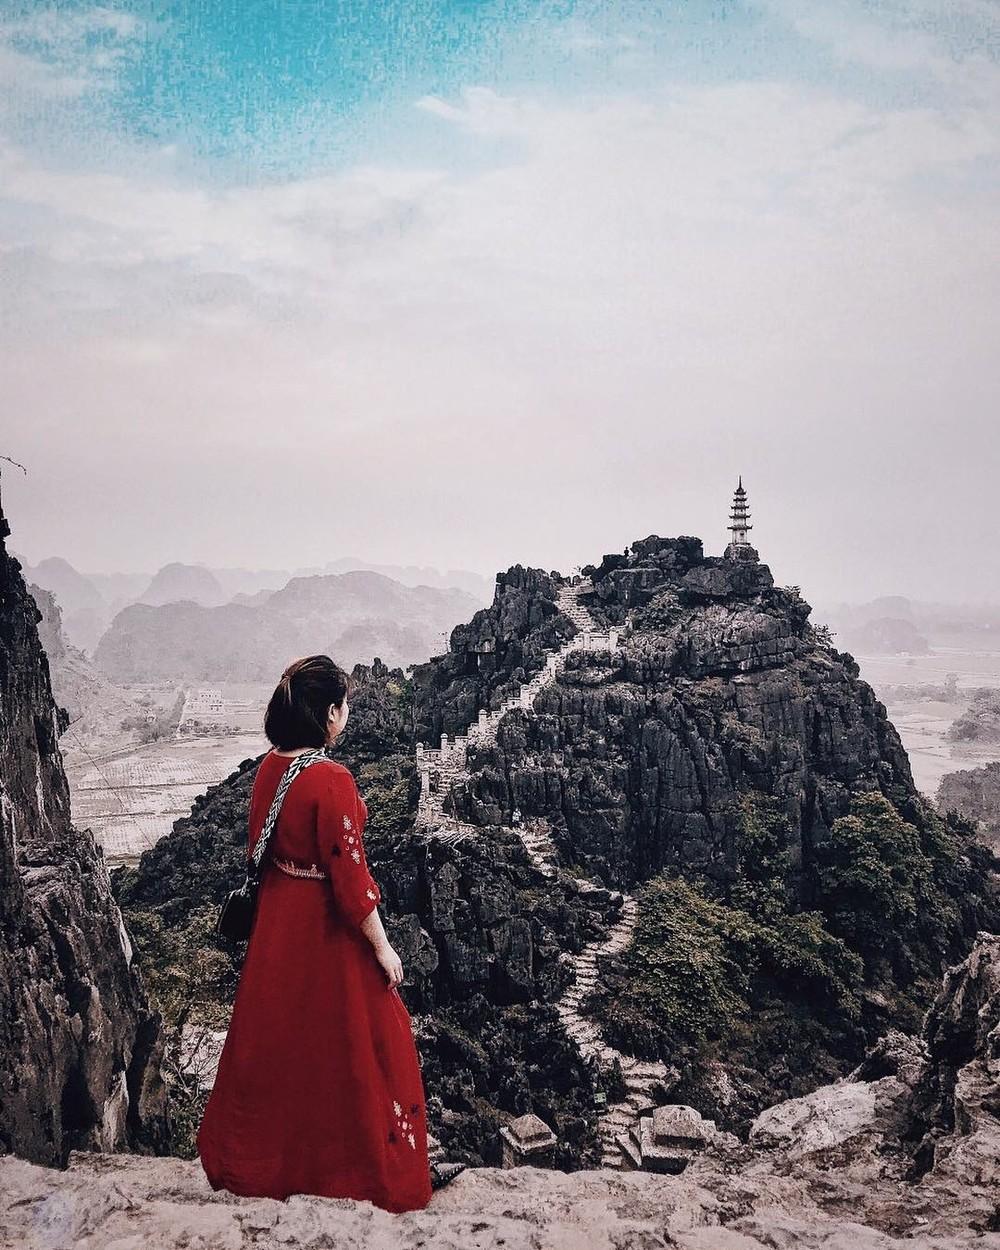 Tọa độ check-in hot nhất ở Ninh Bình: Hùng vĩ và ảo diệu không thua gì cảnh phim cổ trang - Ảnh 3.